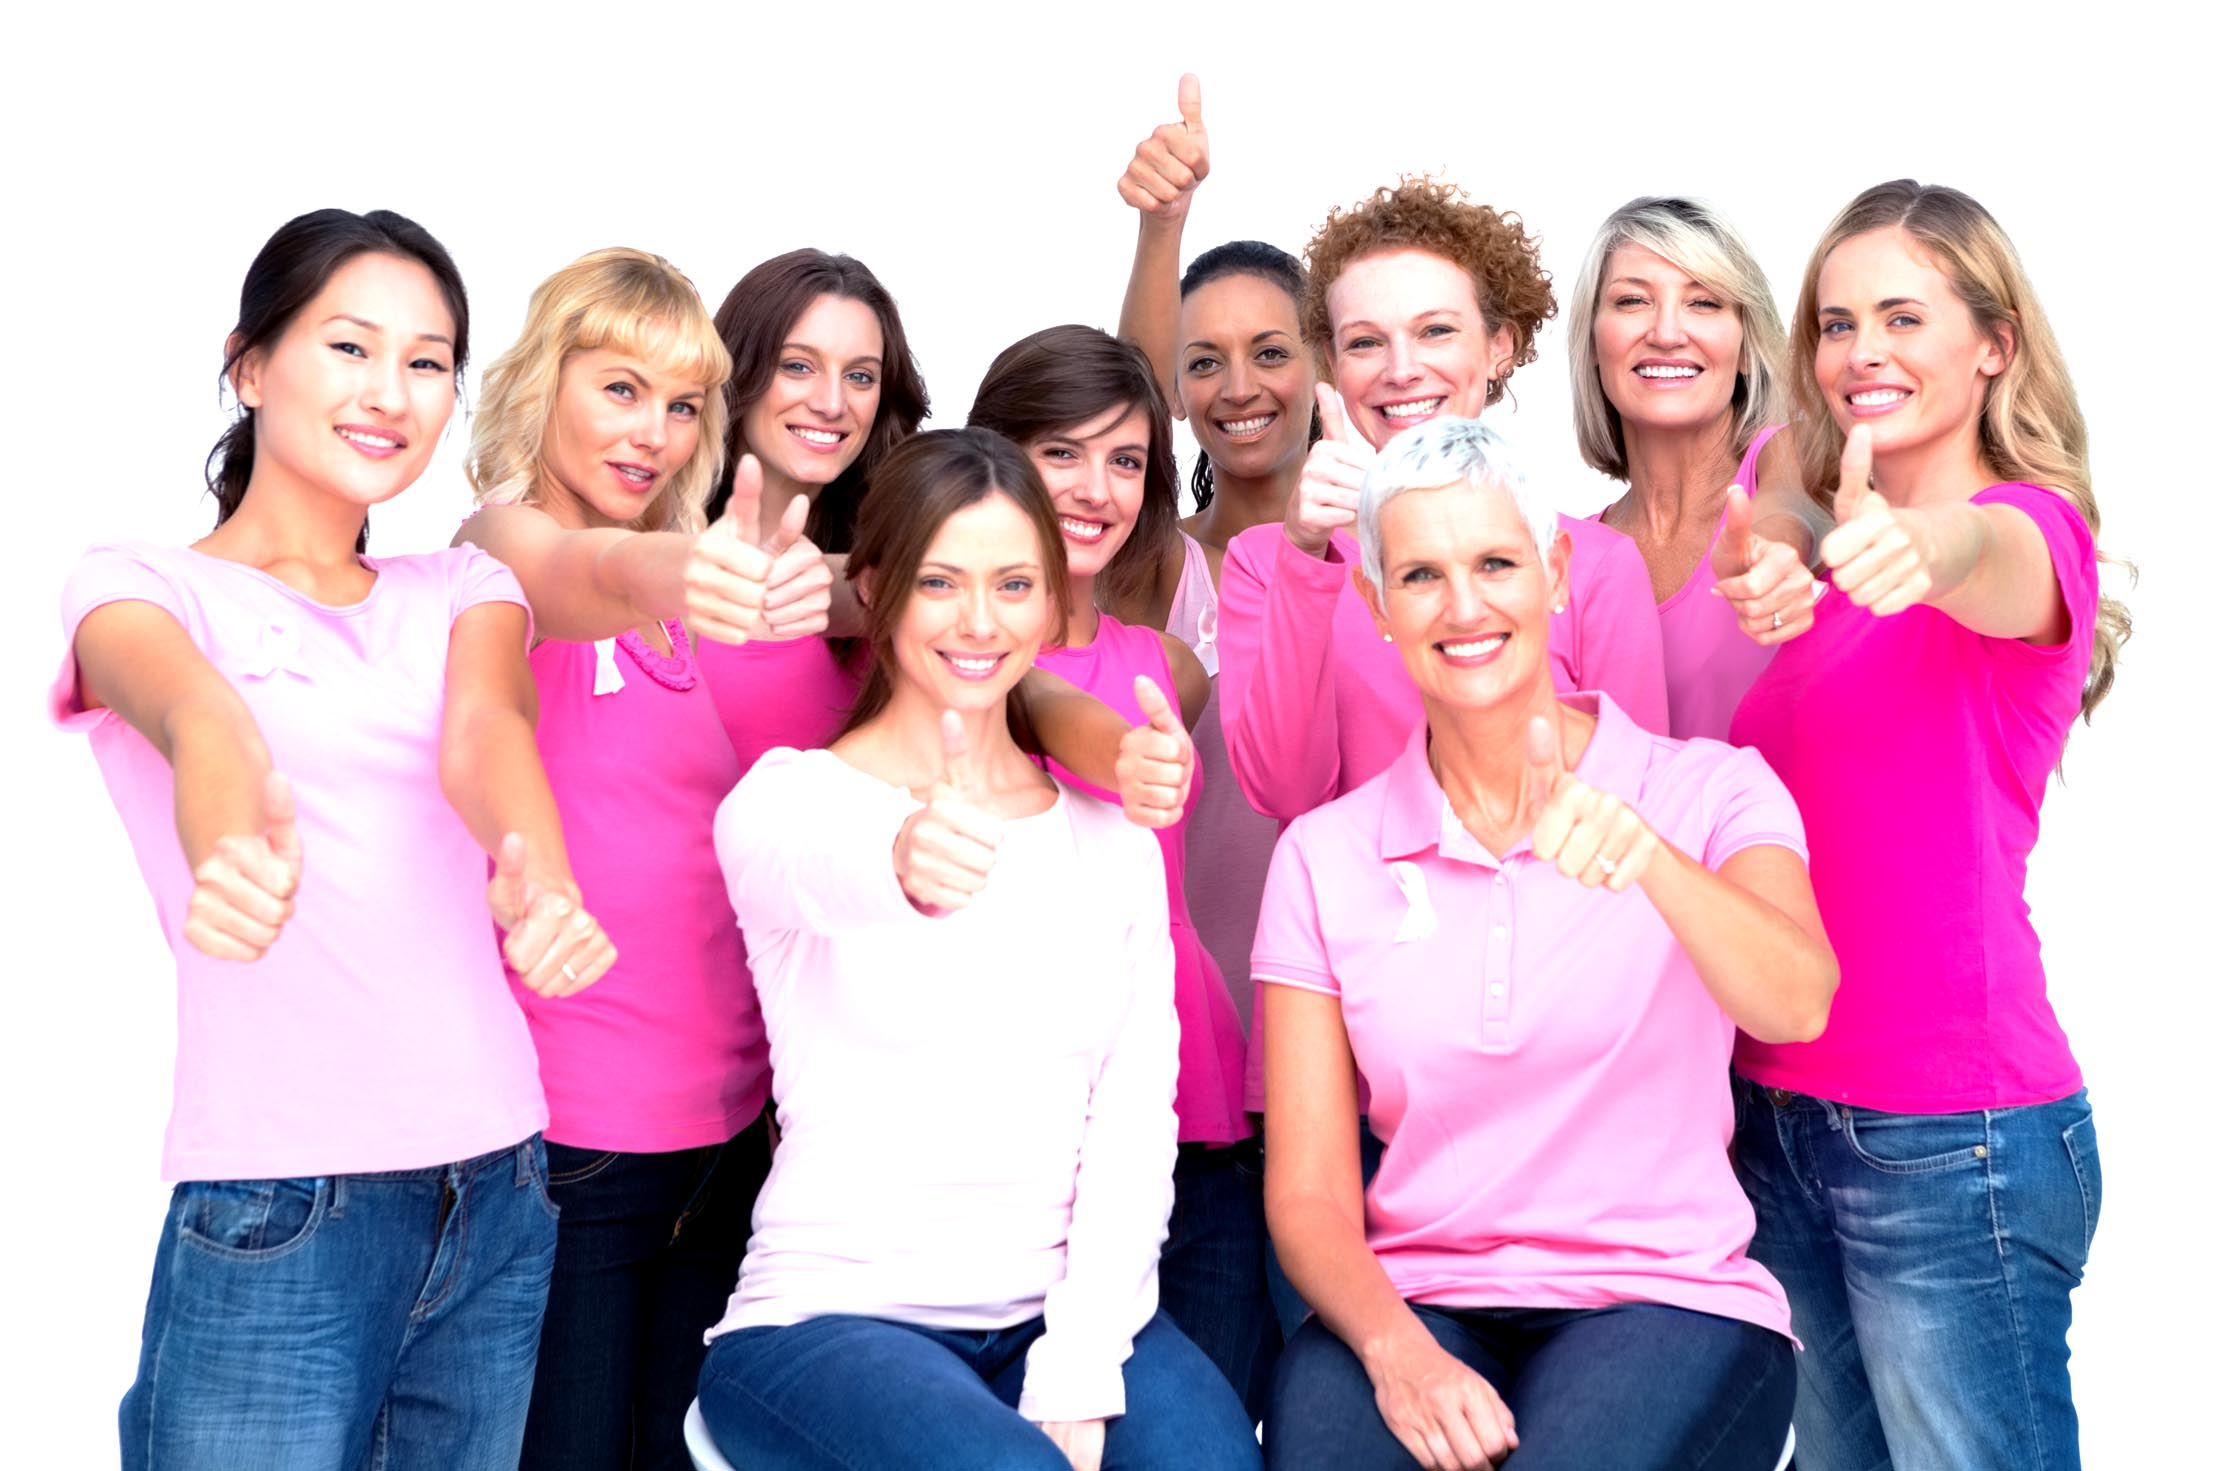 Rak dojke – Znanstvenici na tragu prijelomnog otkrića